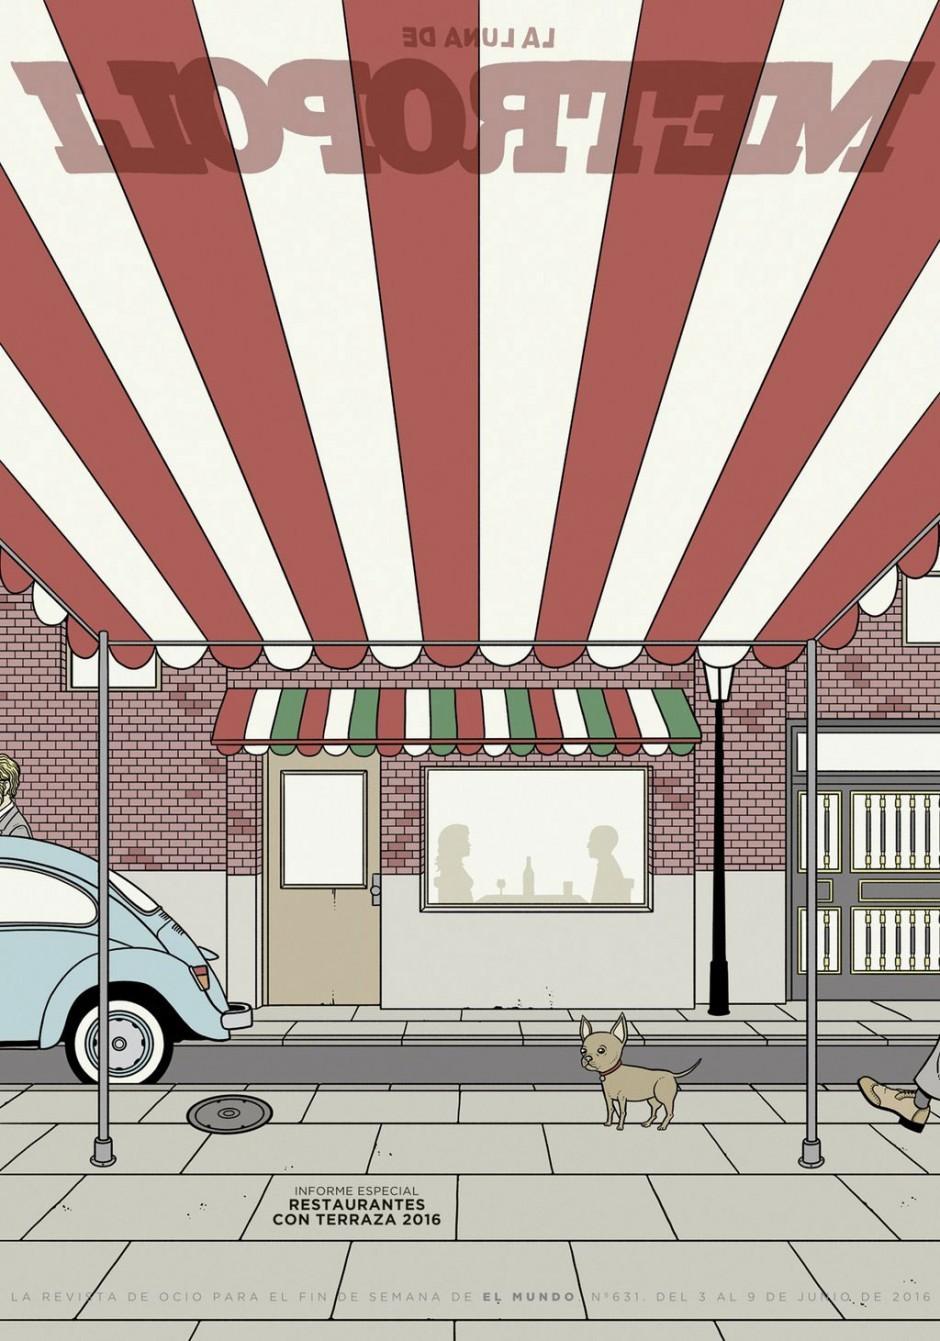 »Metropoli«, die Wochenendeilage der spanischen Tageszeitung »El Mundo«, stellt Restaurants vor, wo man gemütlich auf einer Terrasse sitzen kann. Das Cover OHNE gemütliche Terrassen illustrierte David Sánchez. https://twitter.com/amorlangosta